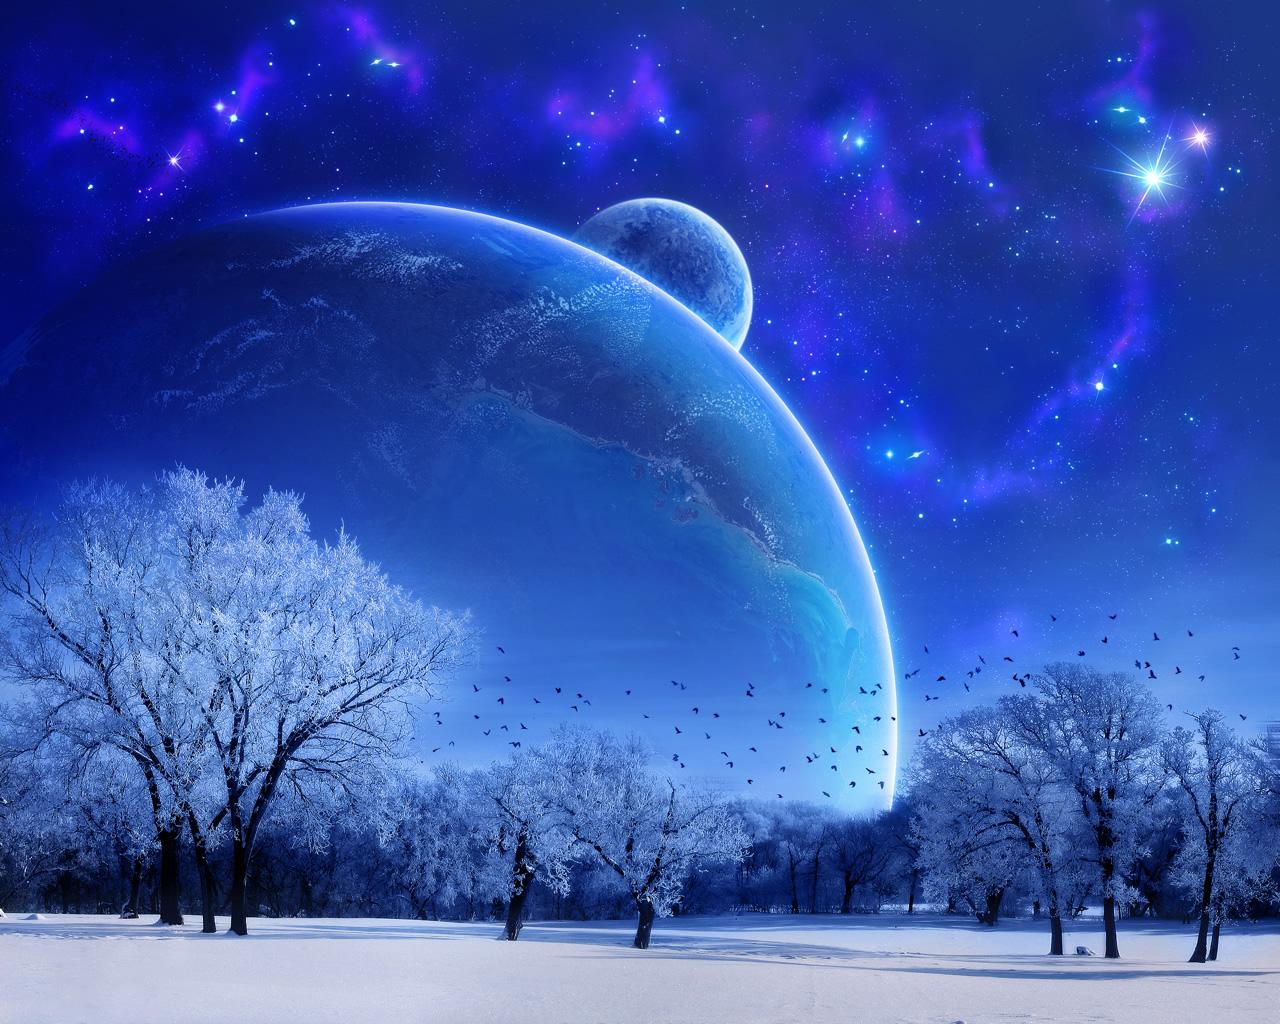 http://3.bp.blogspot.com/-QSlVmp9VYFw/Tee7M59qh2I/AAAAAAAABCA/PiIpC0IxCKU/s1600/paisagem-planeta-terra-wallpaper.jpg